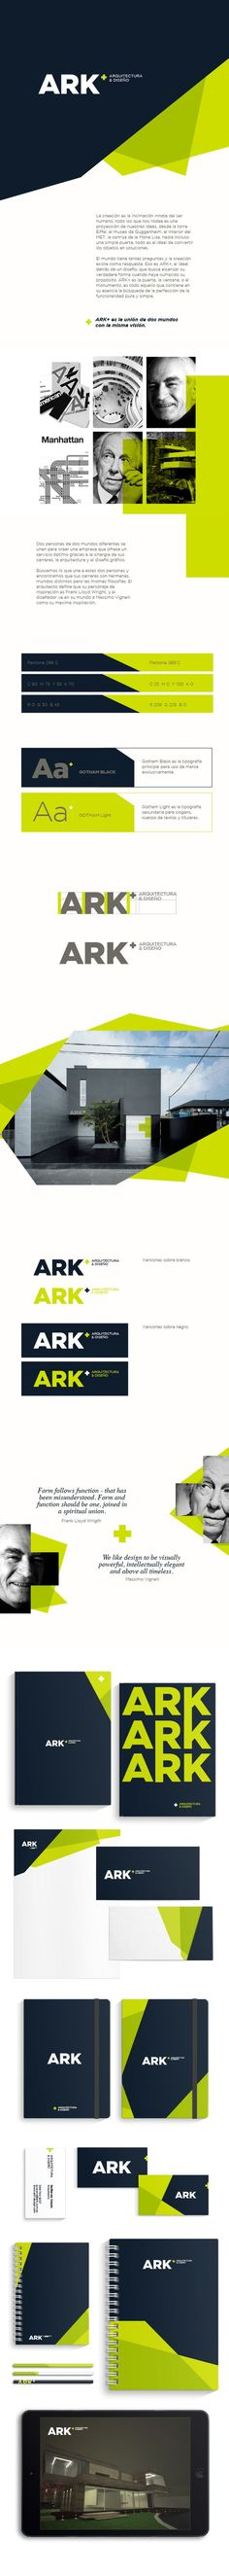 ARK+ Arquitectura & Diseño: